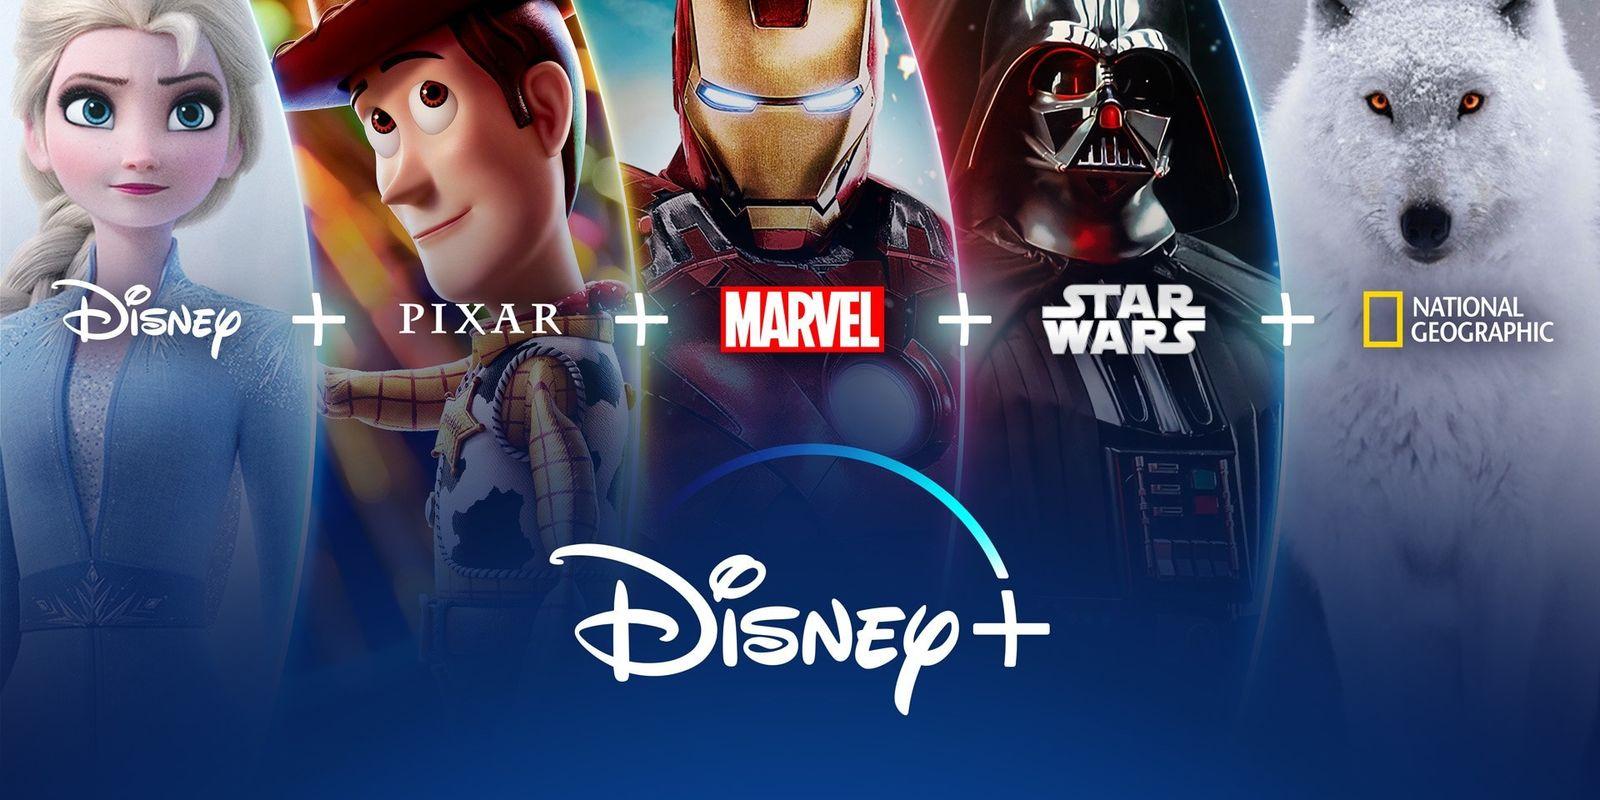 Disney+: las mejores historias, todo en un único lugar